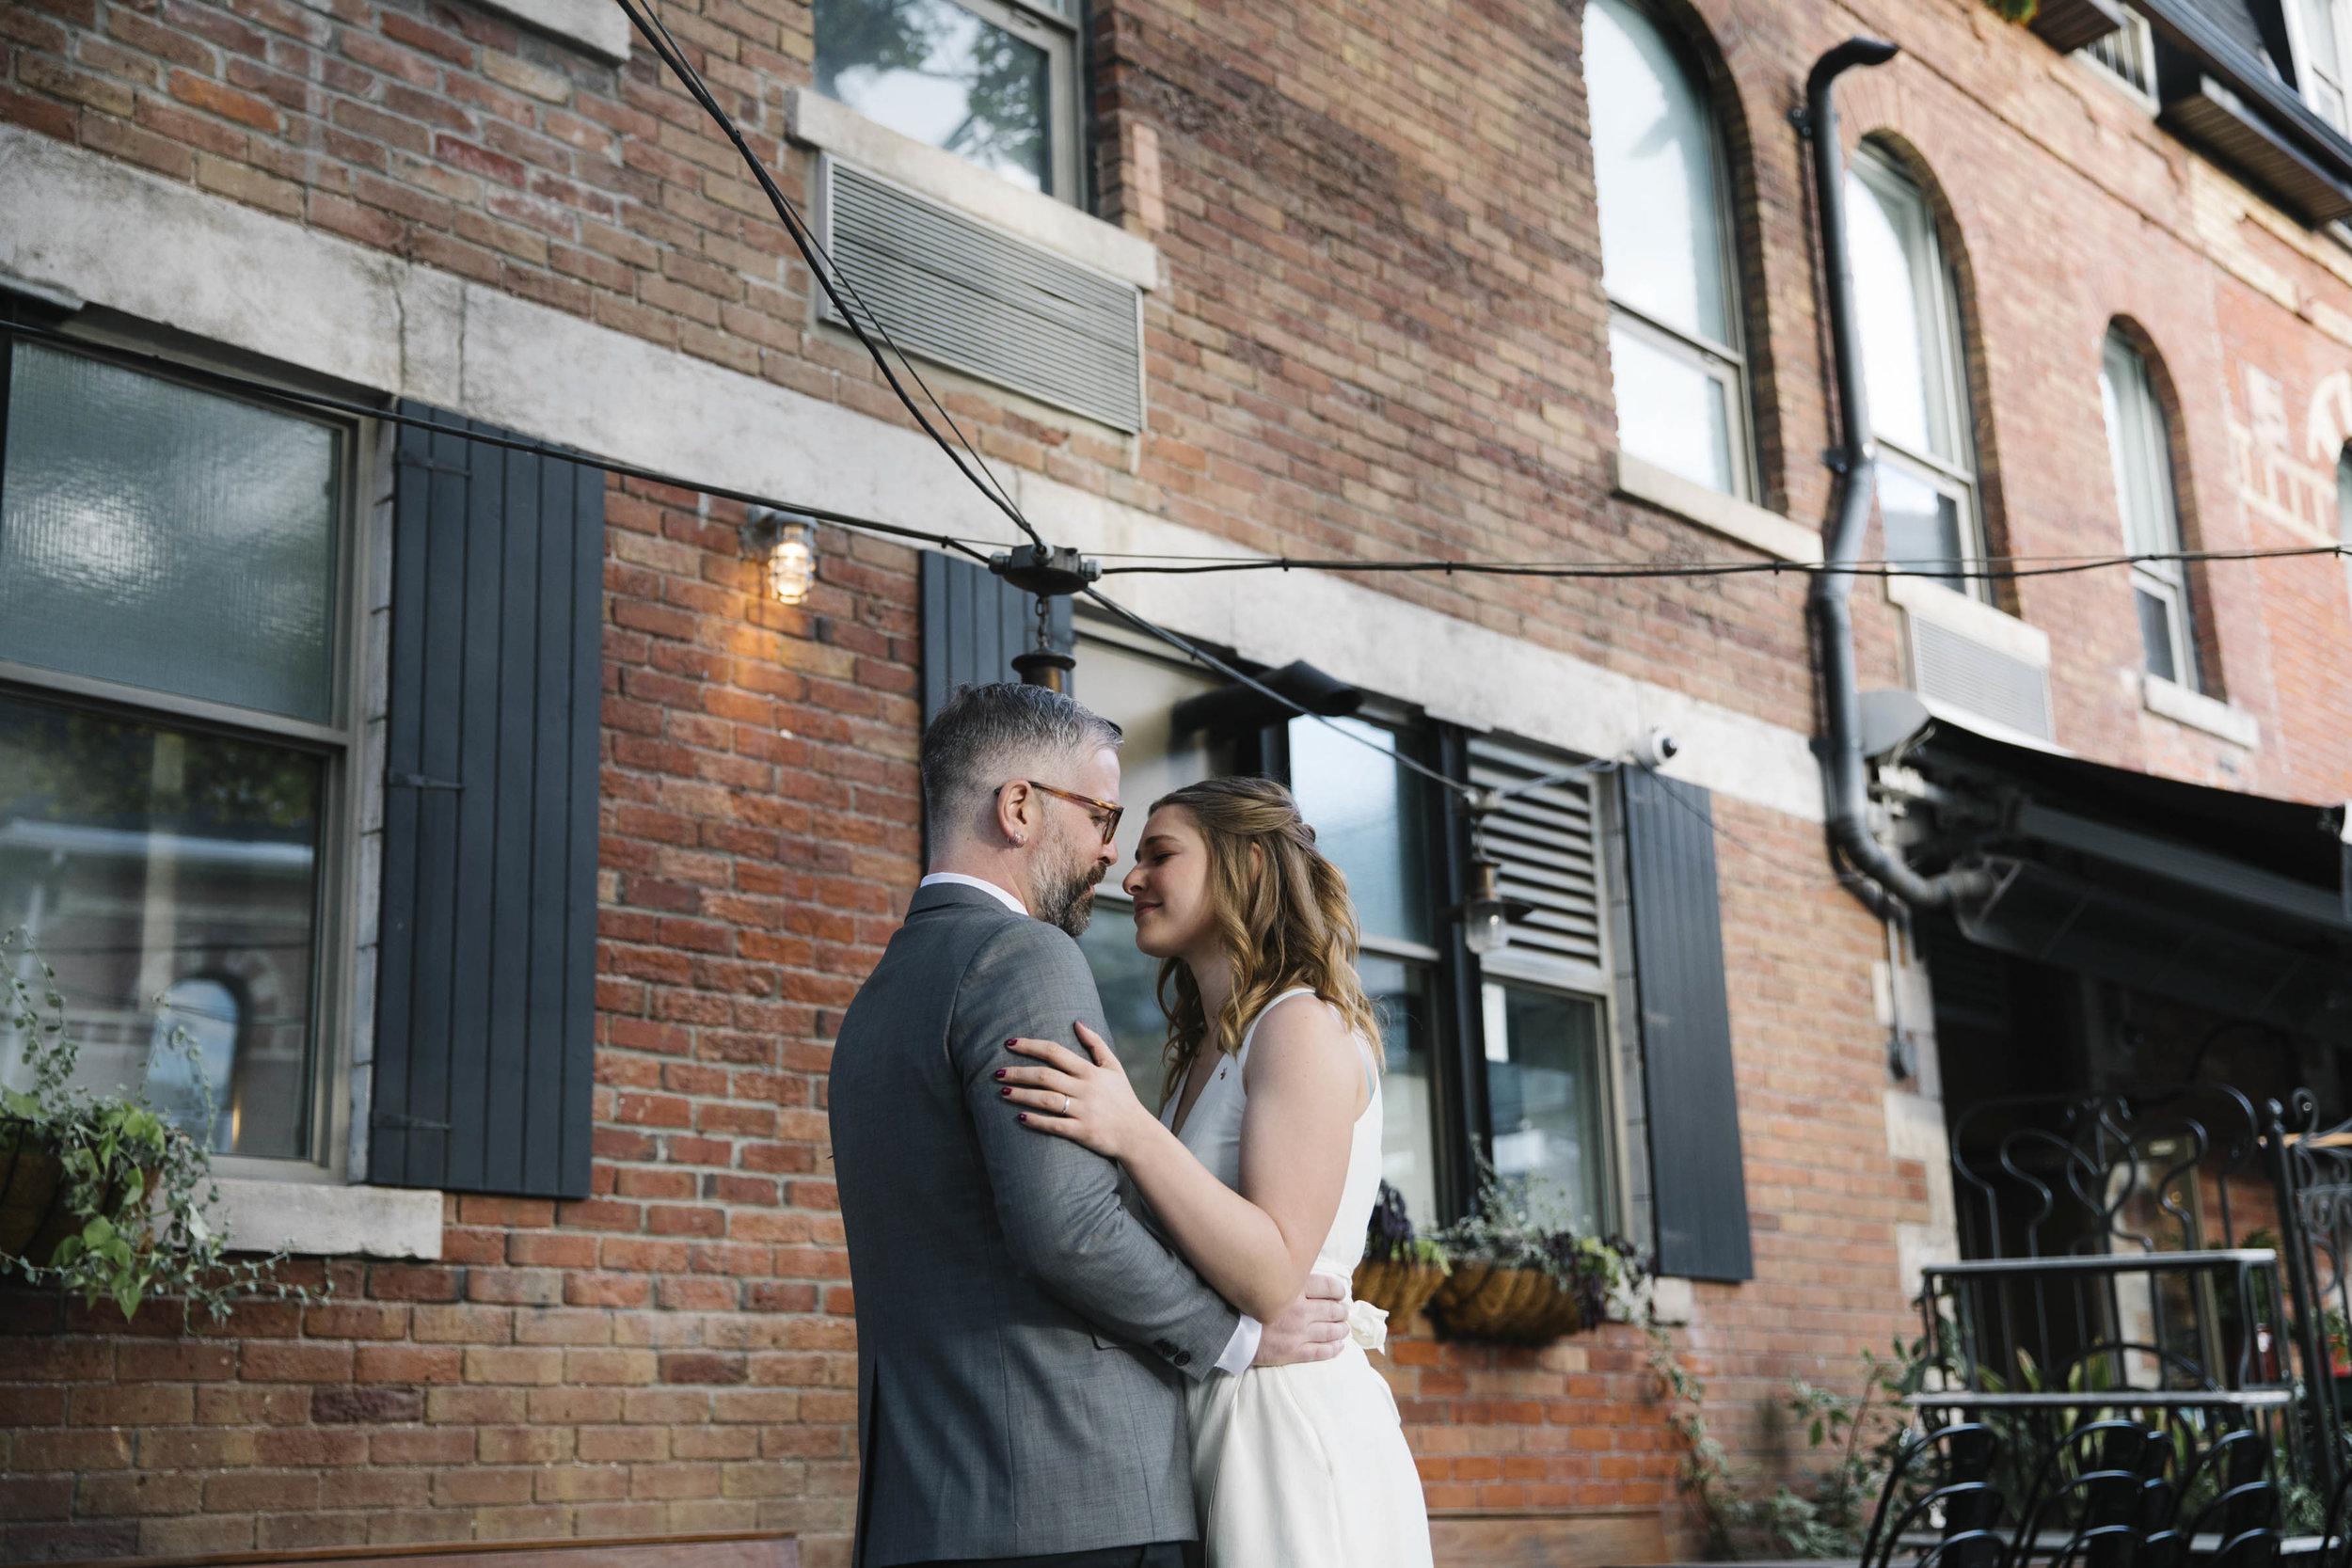 RosewoodWeddingPhotos-TorontoWeddingPhotographer-DocumentaryWeddingPhotographer-TheDrake-TheDrakeHotel-DrakeCafe-LGBTQ